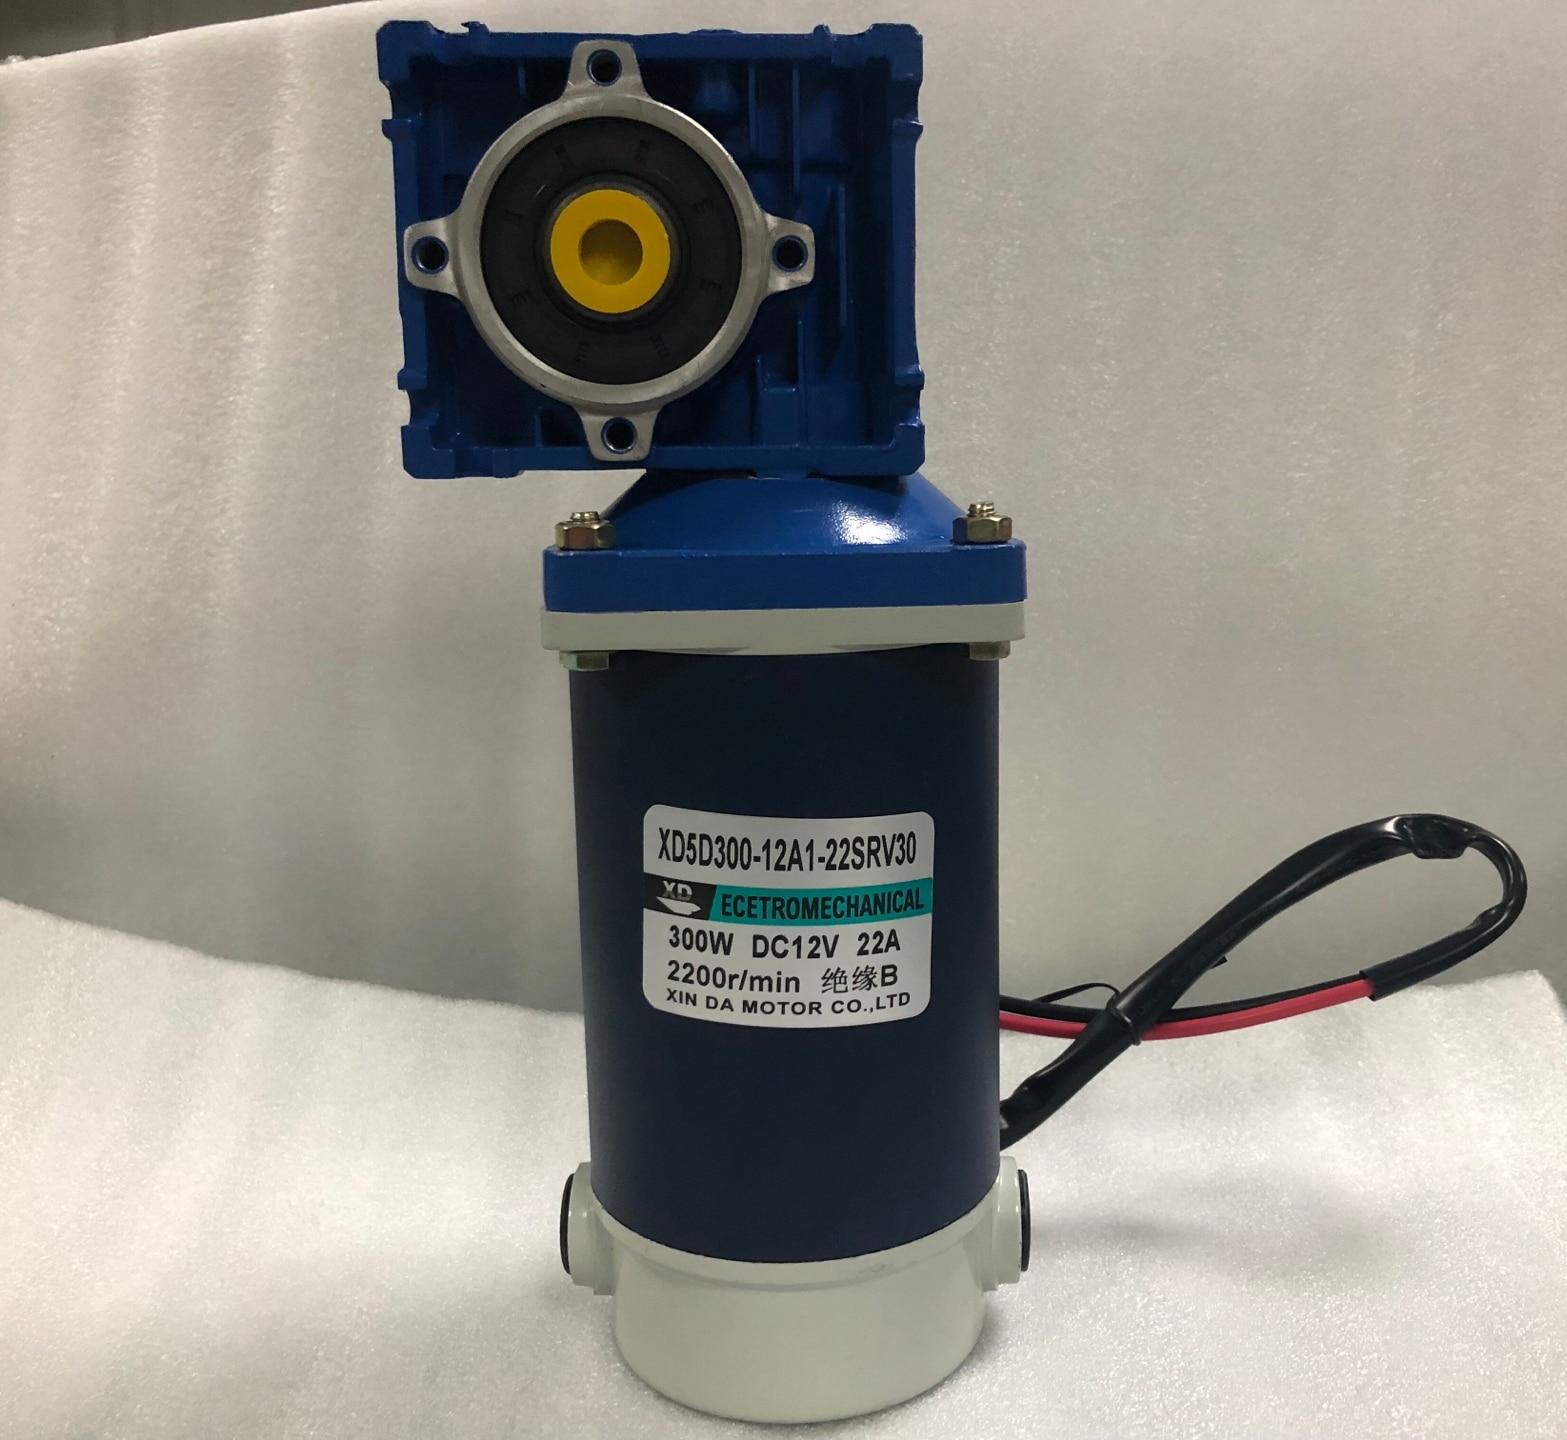 300 واط RV30 دودة المخفض موتور تيار مستمر 12 فولت 24 فولت NMRV30 دودة موتور تروس مع الذاتي قفل والعتاد رمح واحد CW CCW